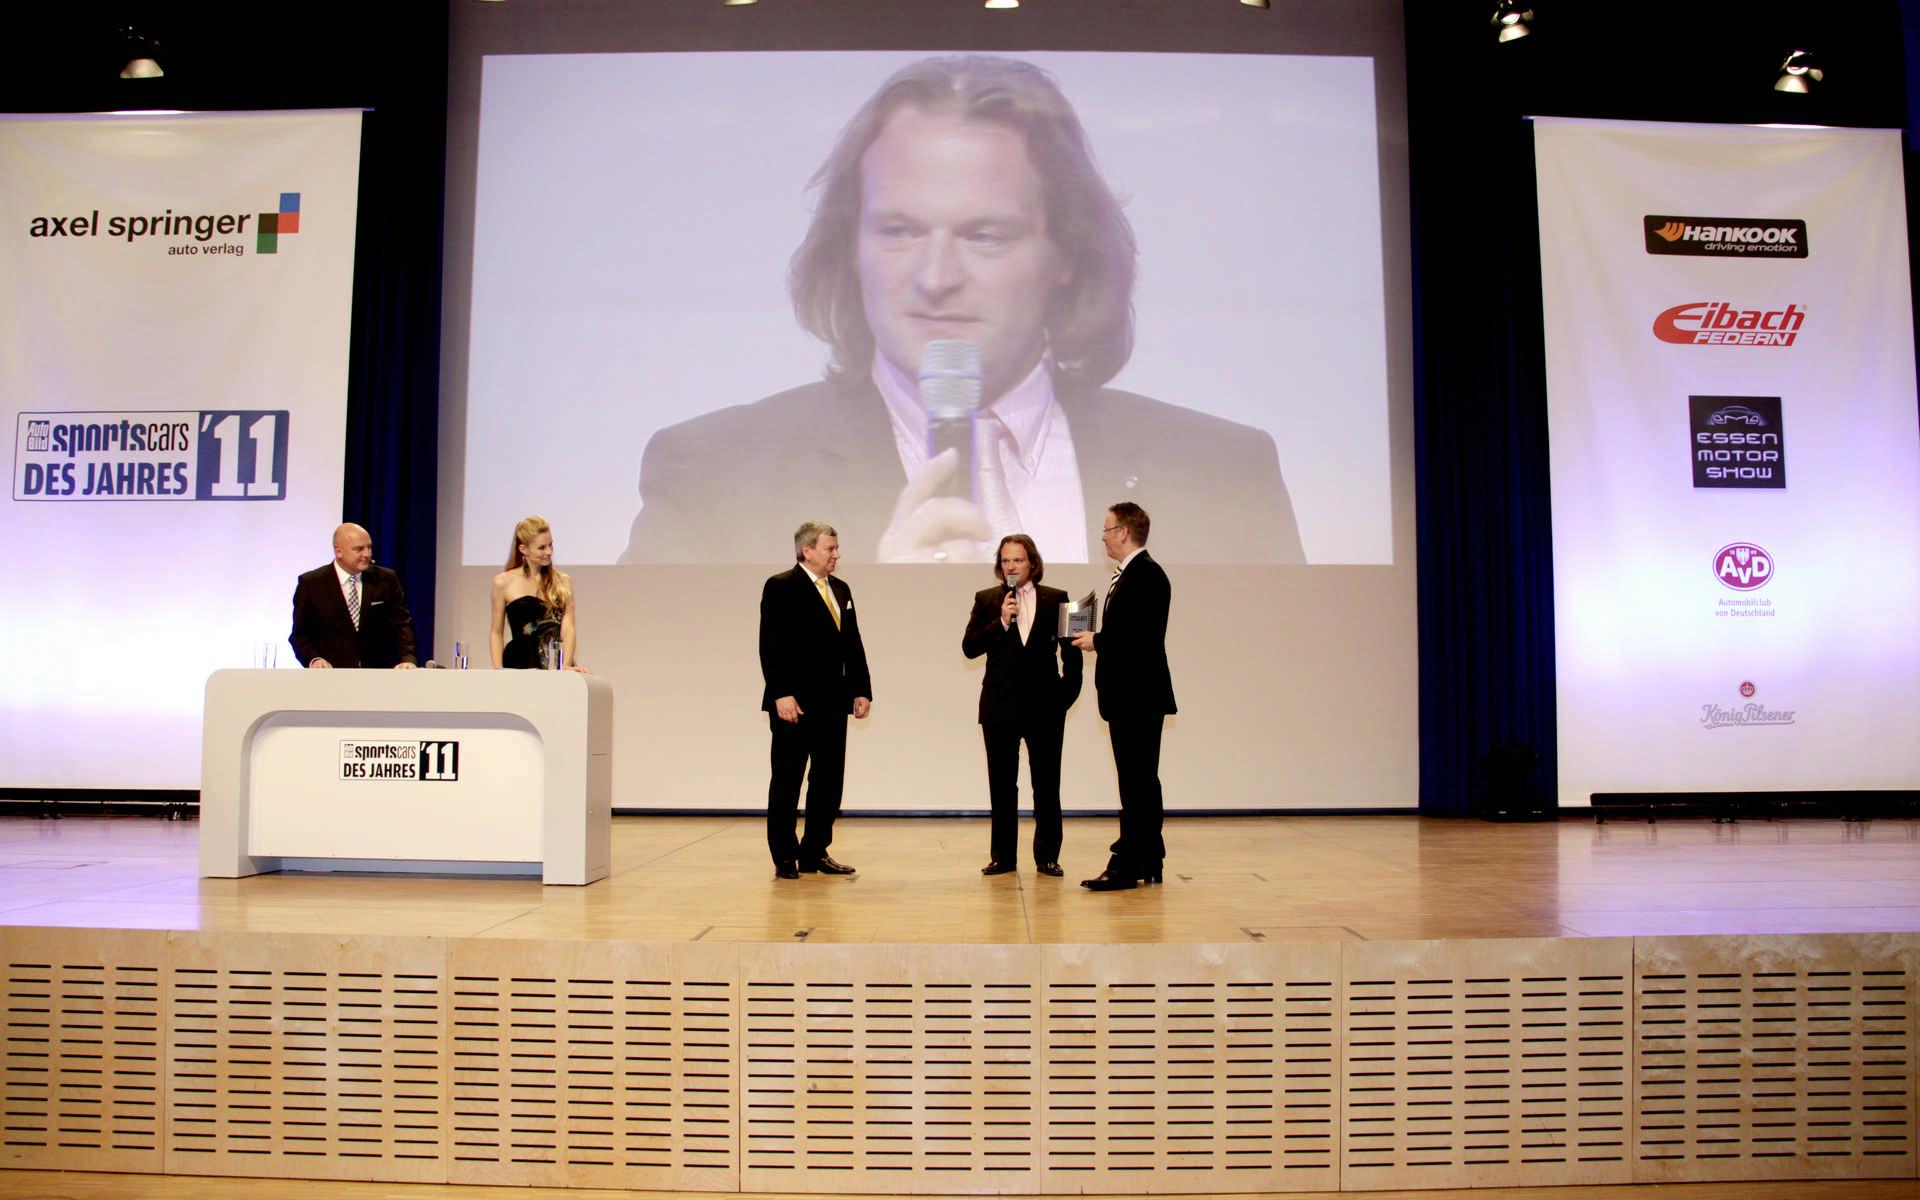 gemballa_gmbh_event_absc_award_2011_001